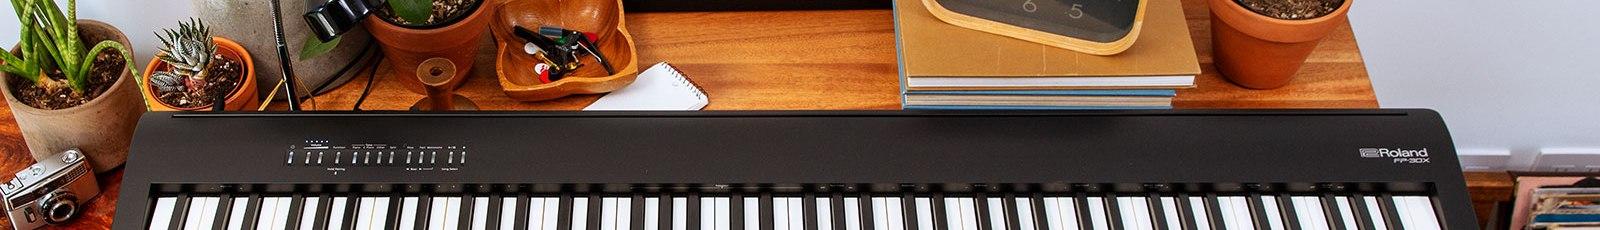 цифровое пианино roland fp-30x черный